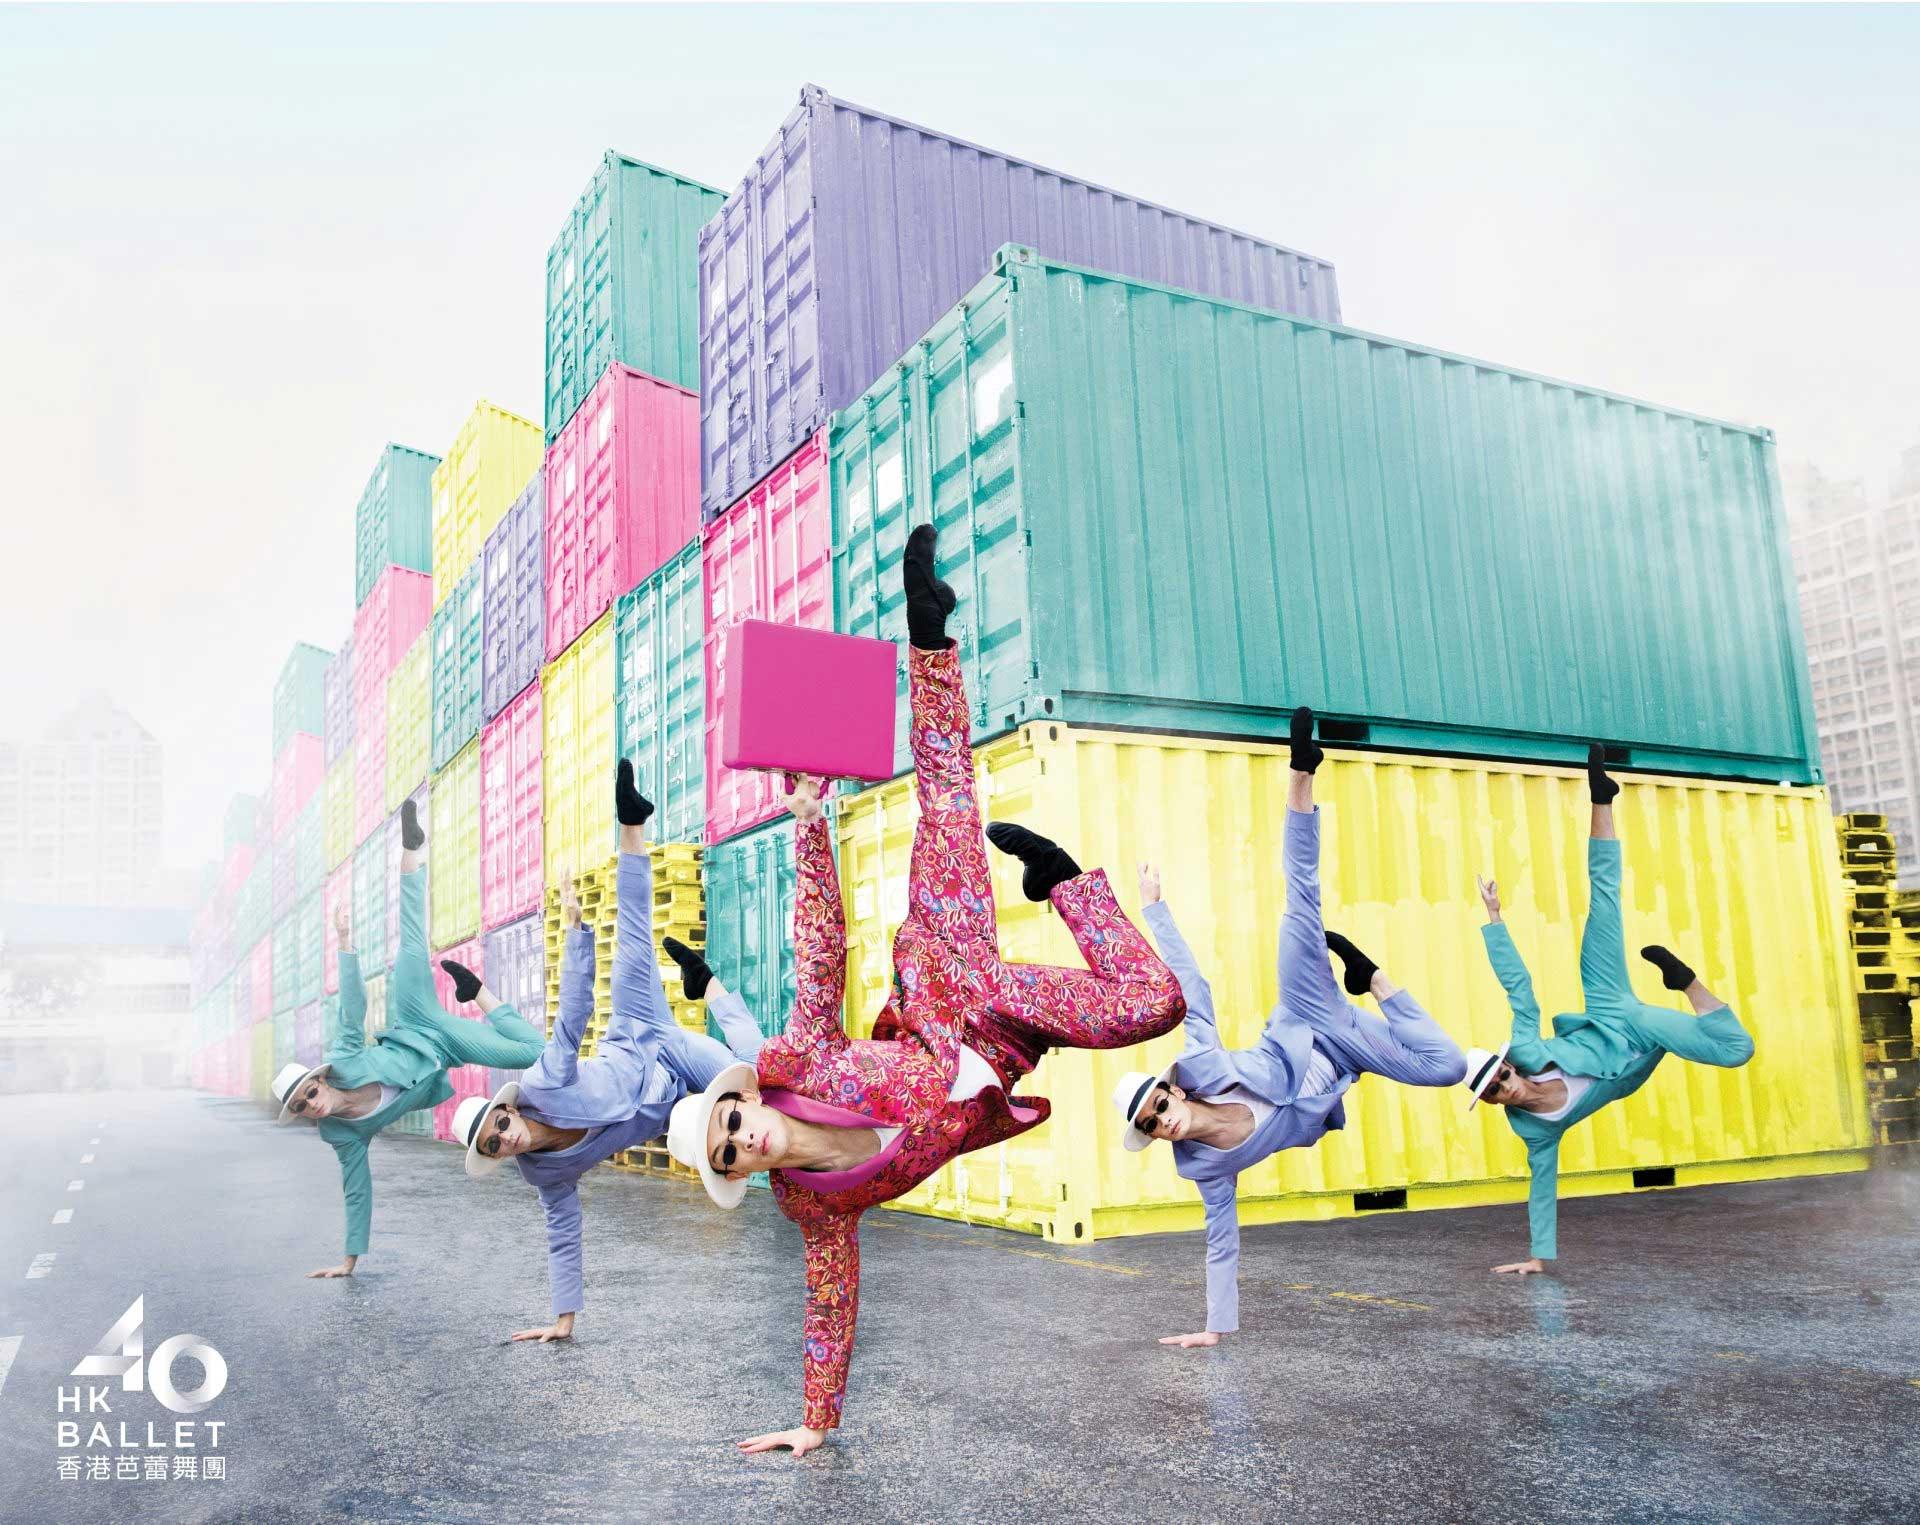 Cooles Video zu 40 Jahren Hong Kong Ballett 40-jahre-hong-kong-ballett_02